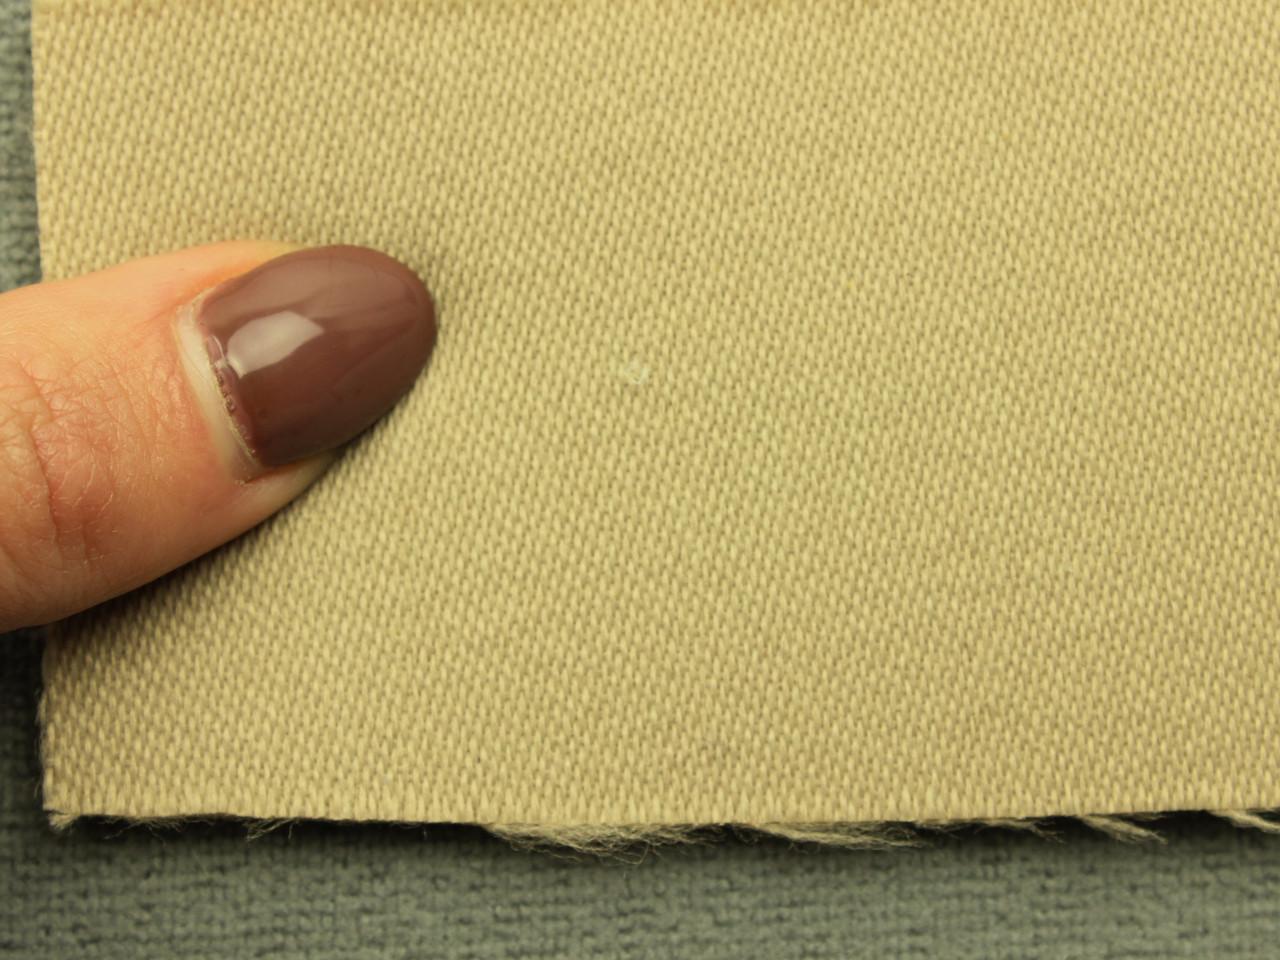 Ткань для сидений автомобиля, цвет темно-бежевый, на поролоне (для боковой части) Германия